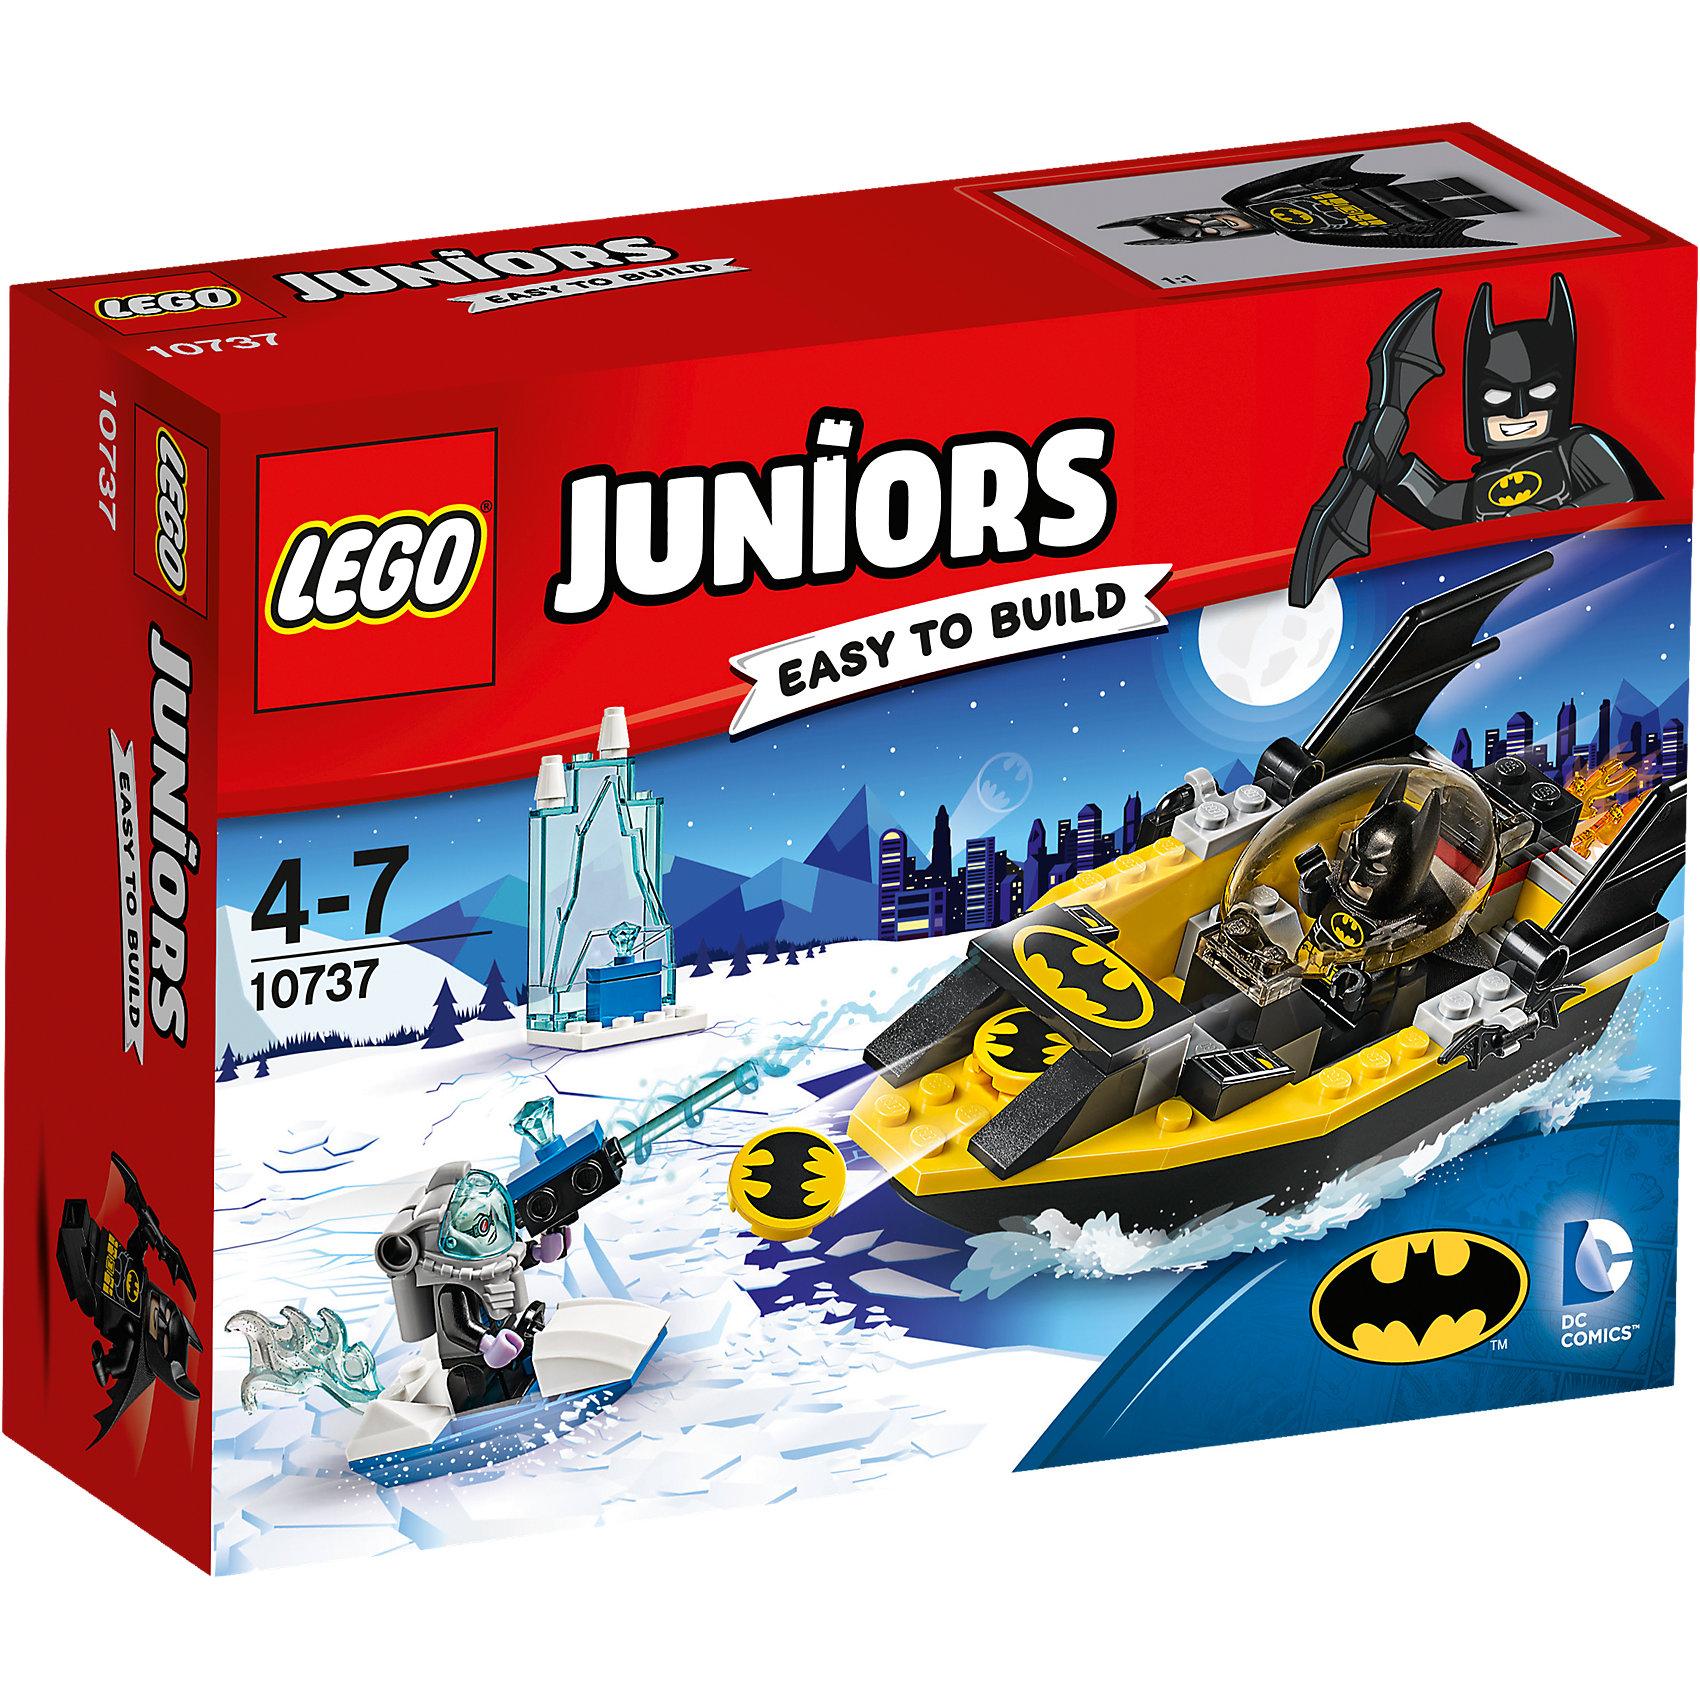 LEGO Juniors 10737: Бэтмен против Мистера ФризаПластмассовые конструкторы<br>LEGO Juniors 10737: Бэтмен против Мистера Фриза<br><br>Характеристики:<br><br>- в набор входит: детали Бэтлодки, ледяного катера, ледяной тюрьмы, 2 минифигурки, аксессуары, красочная инструкция<br>- минифигурки набора: Мистер Фриз, Бэтмен<br>- состав: пластик<br>- количество деталей: 63 <br>- размер упаковки: 19 * 6 * 14 см.<br>- размер Бэтлодки: 15 * 5 * 5 см.<br>- для детей в возрасте: от 4 до 7 лет<br>- Страна производитель: Дания/Китай/Чехия<br><br>Легендарный конструктор LEGO (ЛЕГО) представляет серию «Juniors» (Джуниорс) для новичков в строительстве из конструктора ЛЕГО. Набор «Бэтмен против Мистера Фриза» состоит из большой Бэтлодки с закрывающейся прозрачной кабиной и небольшого катера Мистера Фриза. Сам злодей похитил два ледяных камня для своего оружия и хранит один из них в своей ледяной тюрьме в морях города Готем Сити. Борец за справедливость Бэтмен на своей лодке мчится чтобы забрать украденное. Фигурка Бэтмена выполнена очень качественно, он представлен в своем классическом черном бэткостюме с маской и плащом. Из оружия Бэтмен взял свои два любимых бэтаранга. Мистер Фриз носит специальный костюм, позволяющий ему находиться под водой и вооружен ледяным бластером. Благодаря крупным деталям лодки легко строить, а наличие разных тематических аксессуаров позволит игре быть еще более реалистичной. Играя с конструктором ребенок развивает моторику рук, воображение и логическое мышление. Придумывайте новые игры с набором LEGO «Juniors»!<br><br>Конструктор LEGO Juniors 10737: Бэтмен против Мистера Фриза можно купить в нашем интернет-магазине.<br><br>Ширина мм: 196<br>Глубина мм: 139<br>Высота мм: 63<br>Вес г: 173<br>Возраст от месяцев: 48<br>Возраст до месяцев: 84<br>Пол: Мужской<br>Возраст: Детский<br>SKU: 5002509